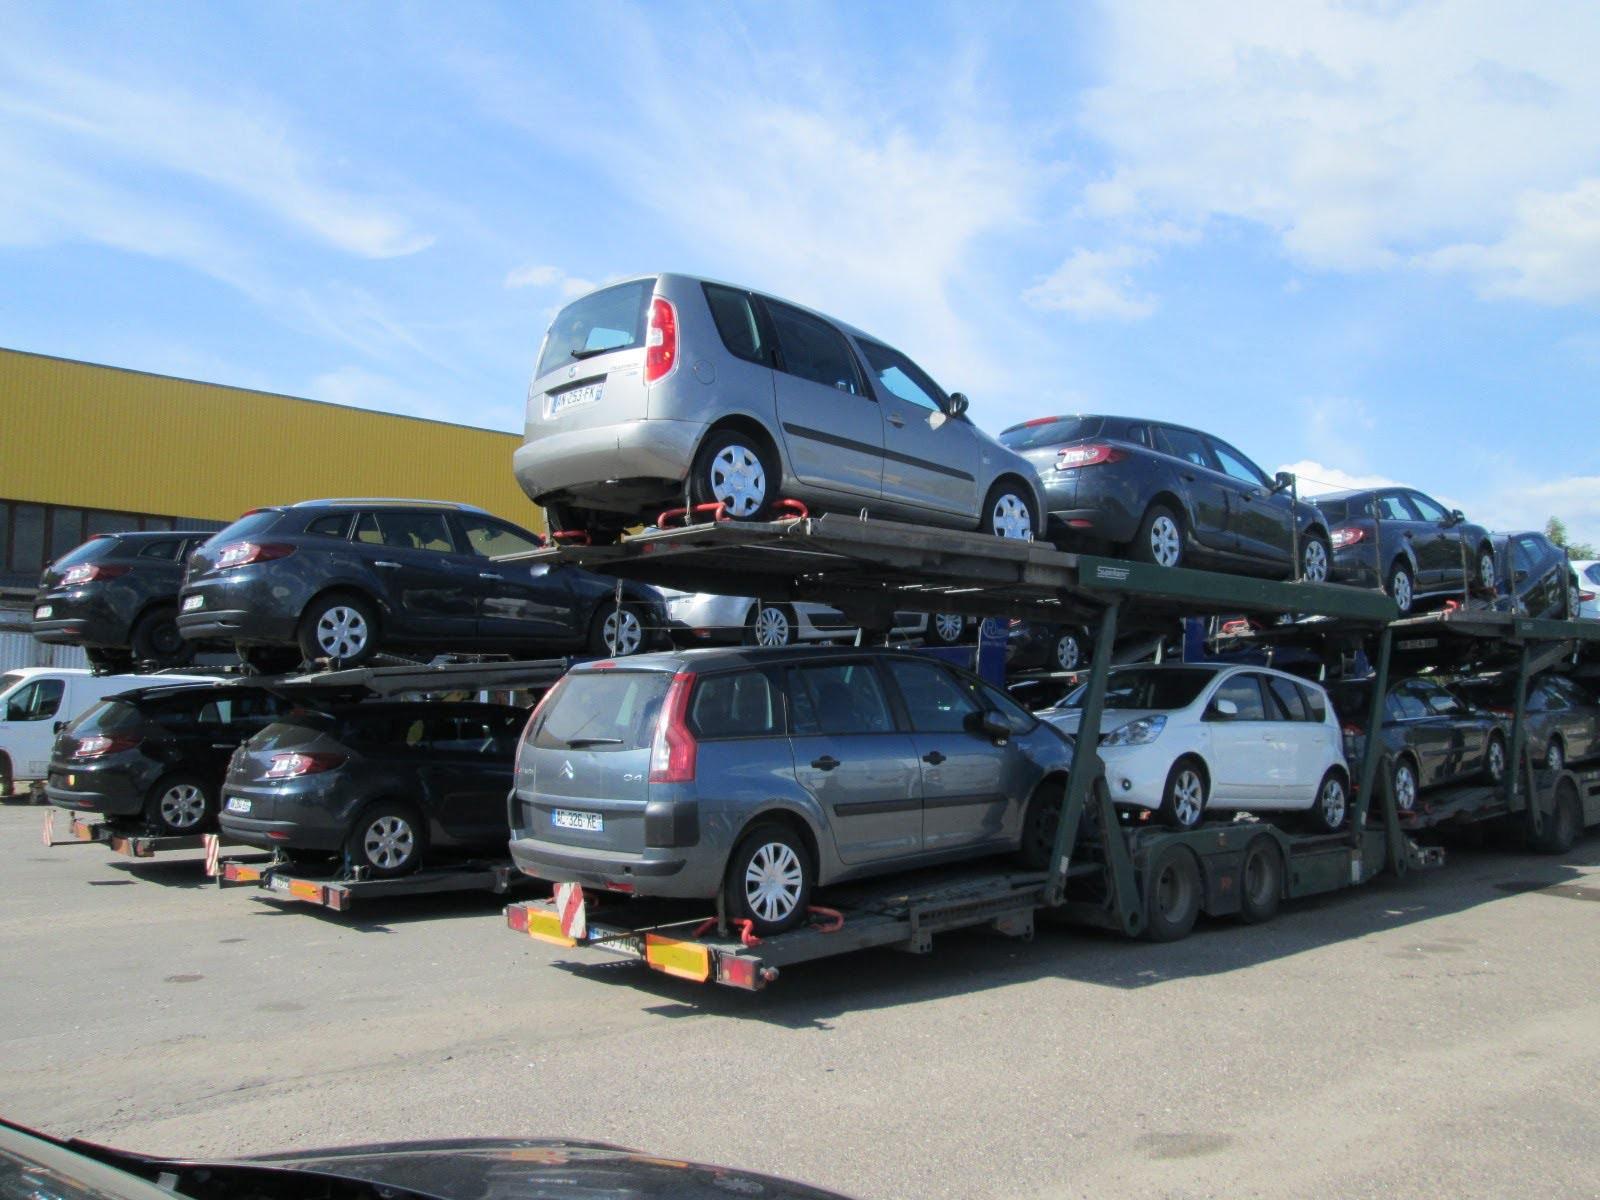 Какие автомобили предпочитают жители Литвы 1